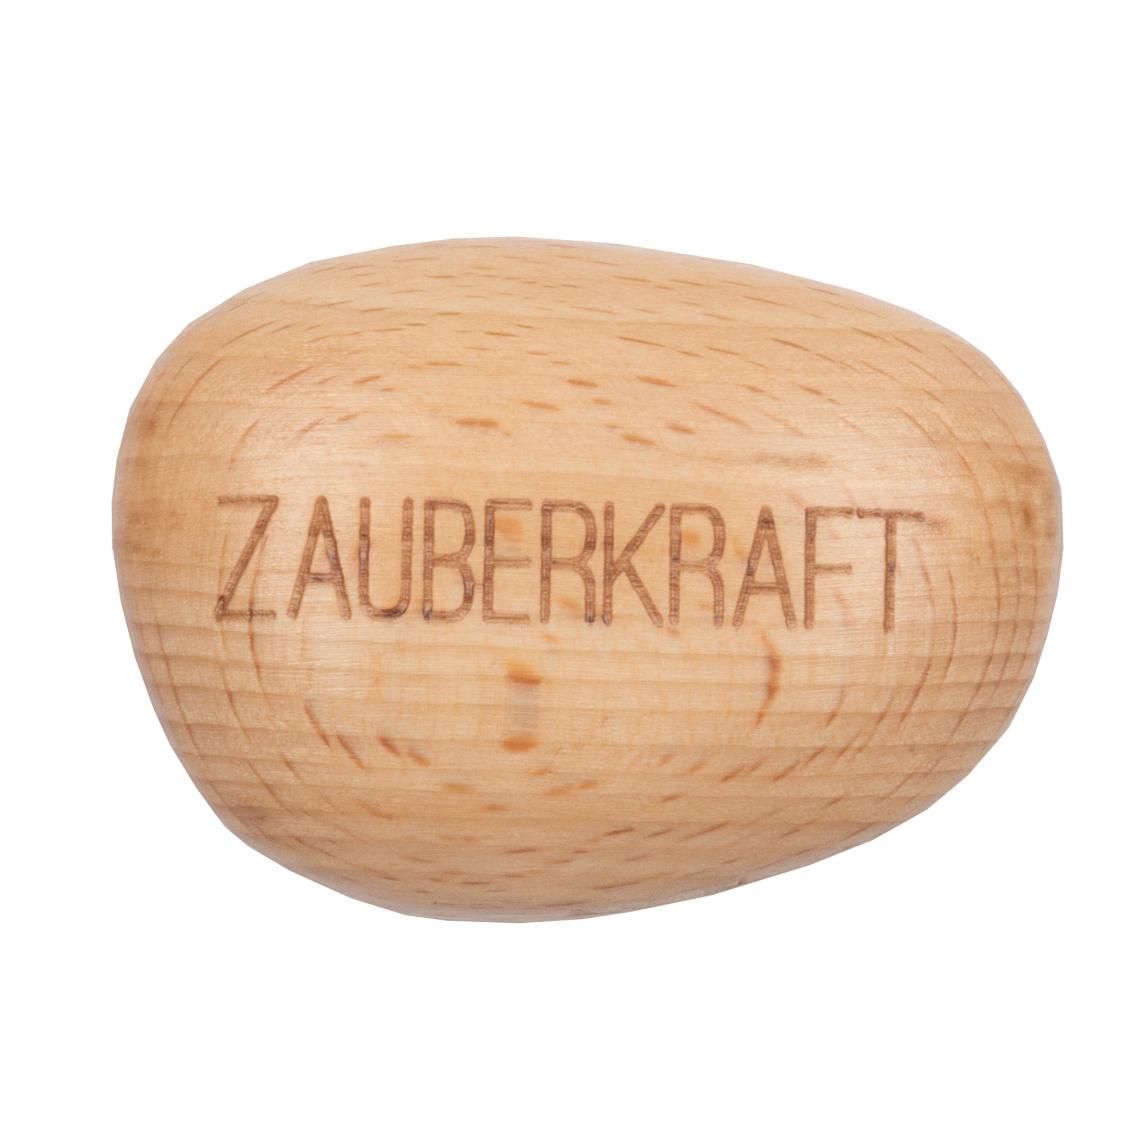 Baumstein - Zauberkraft - räder